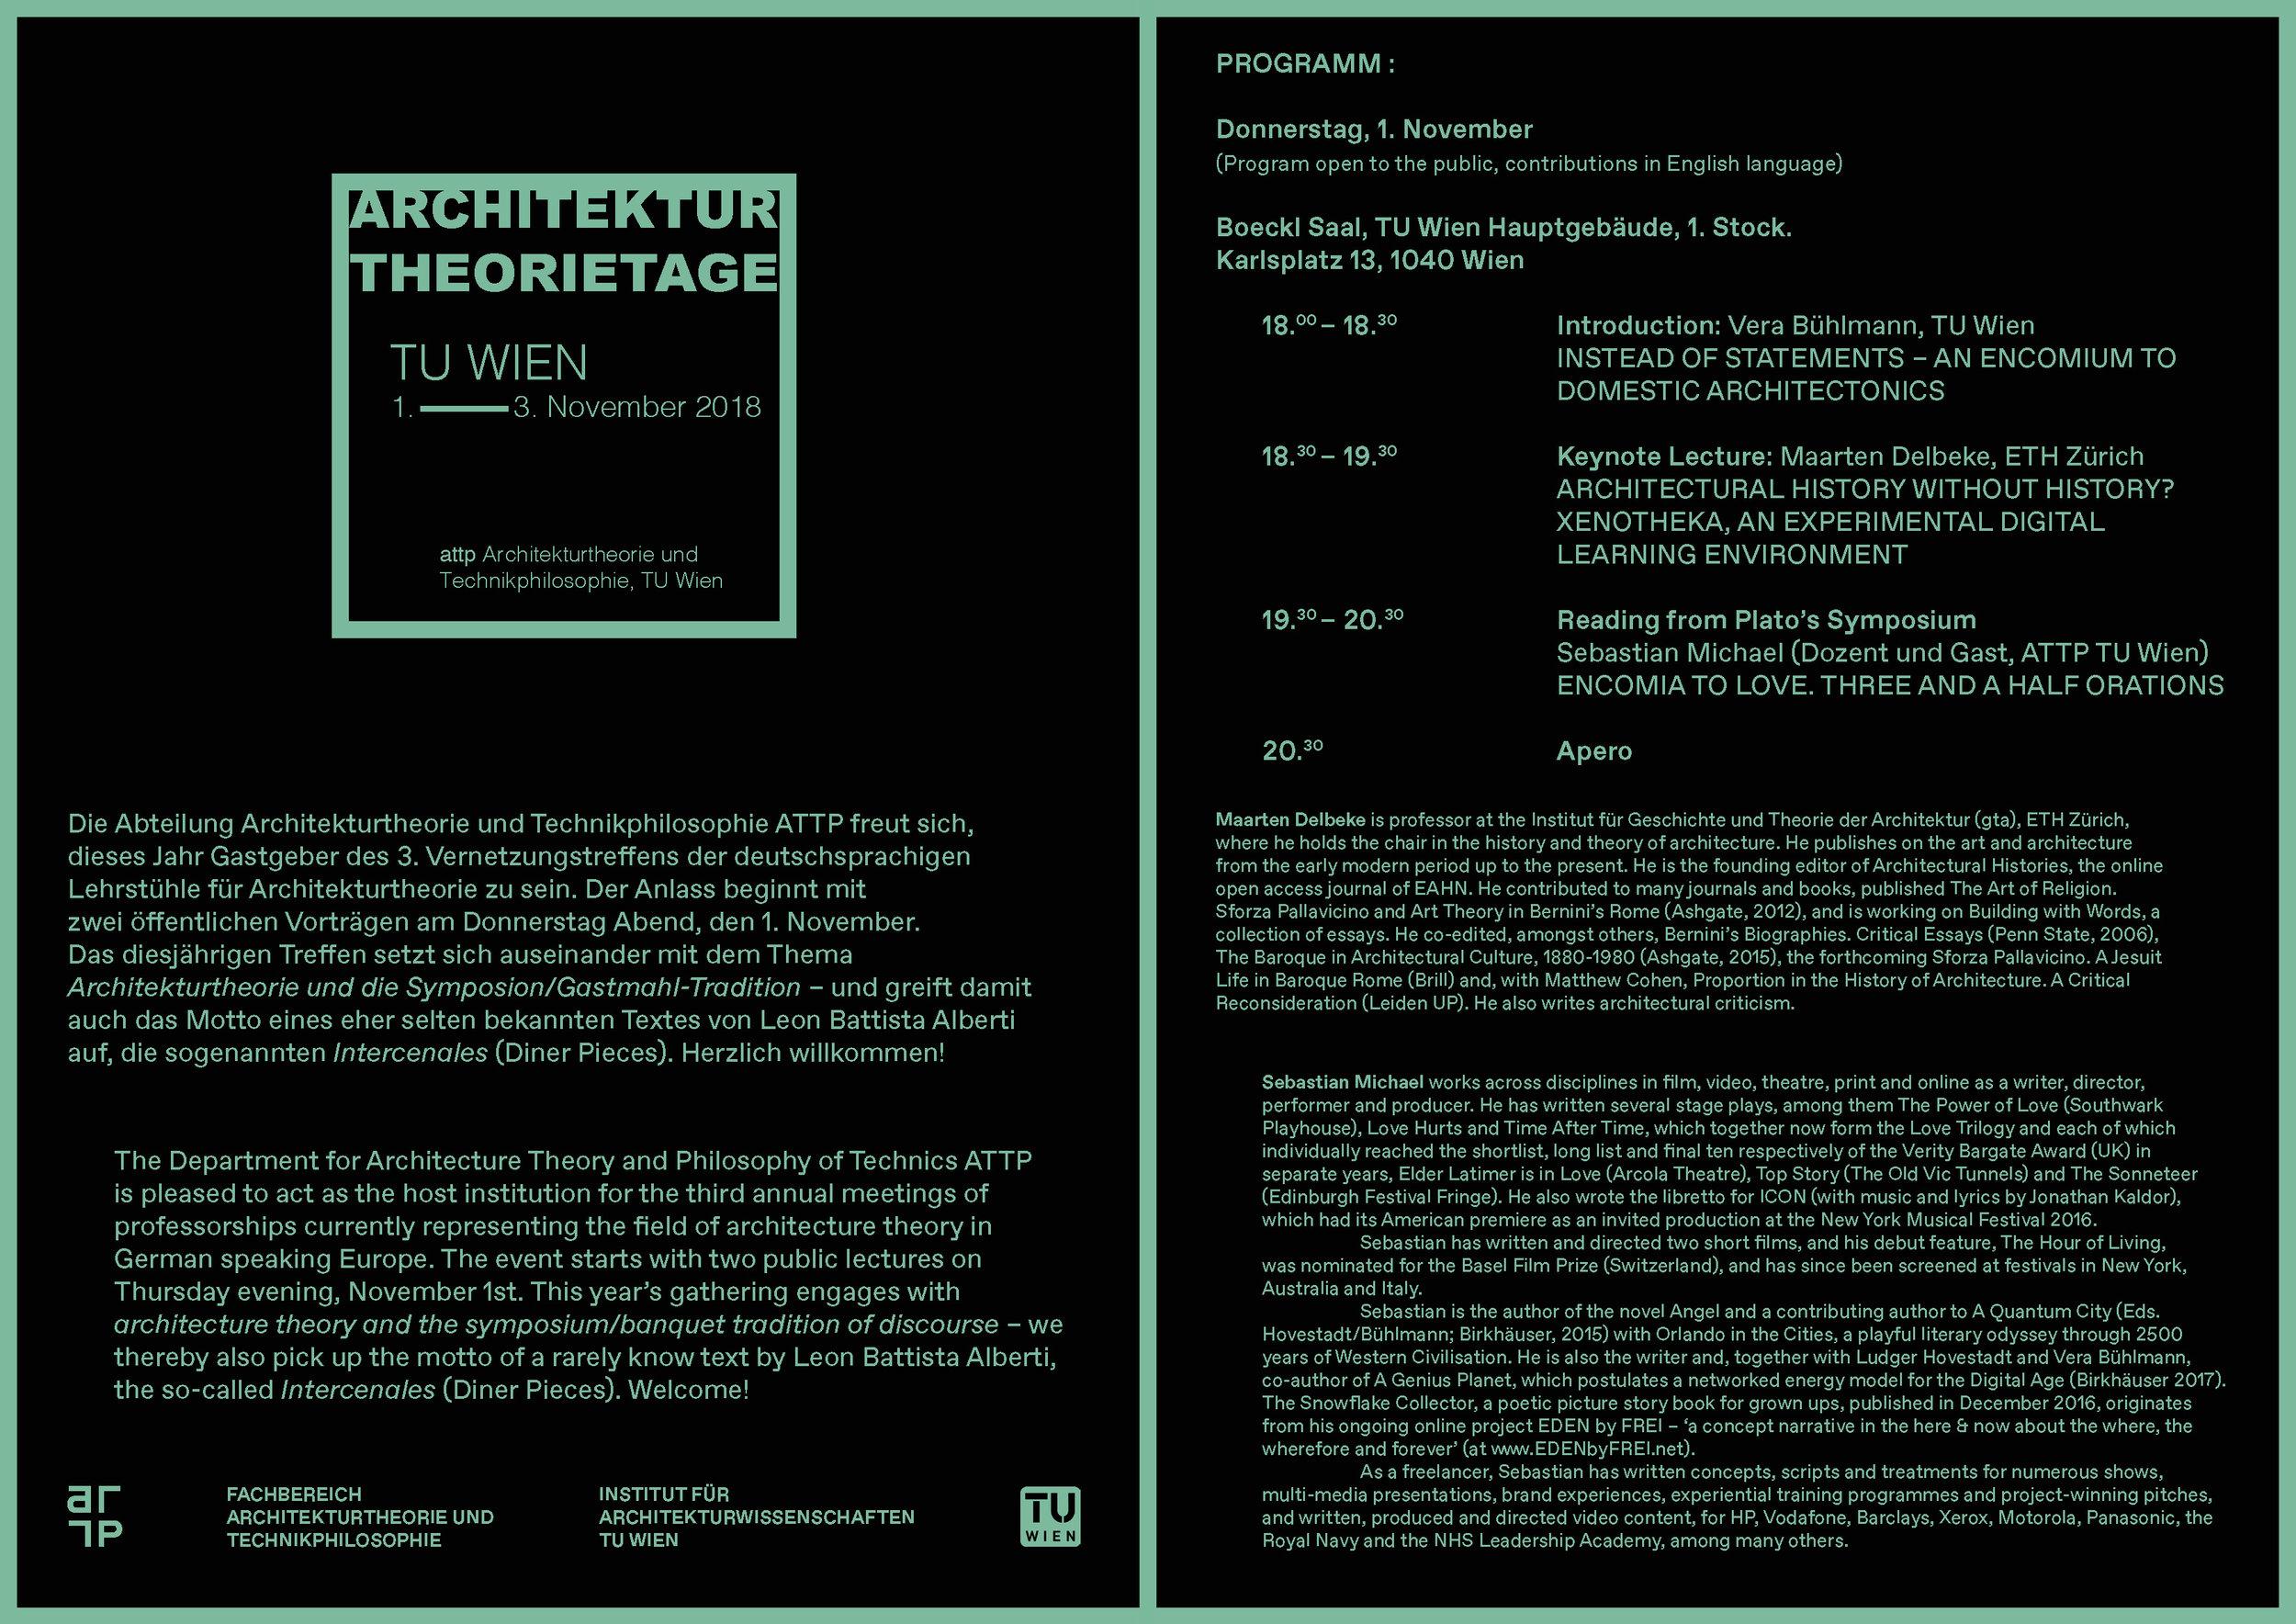 ATT Architekturtheorietage TU Wien - Flyer.jpg